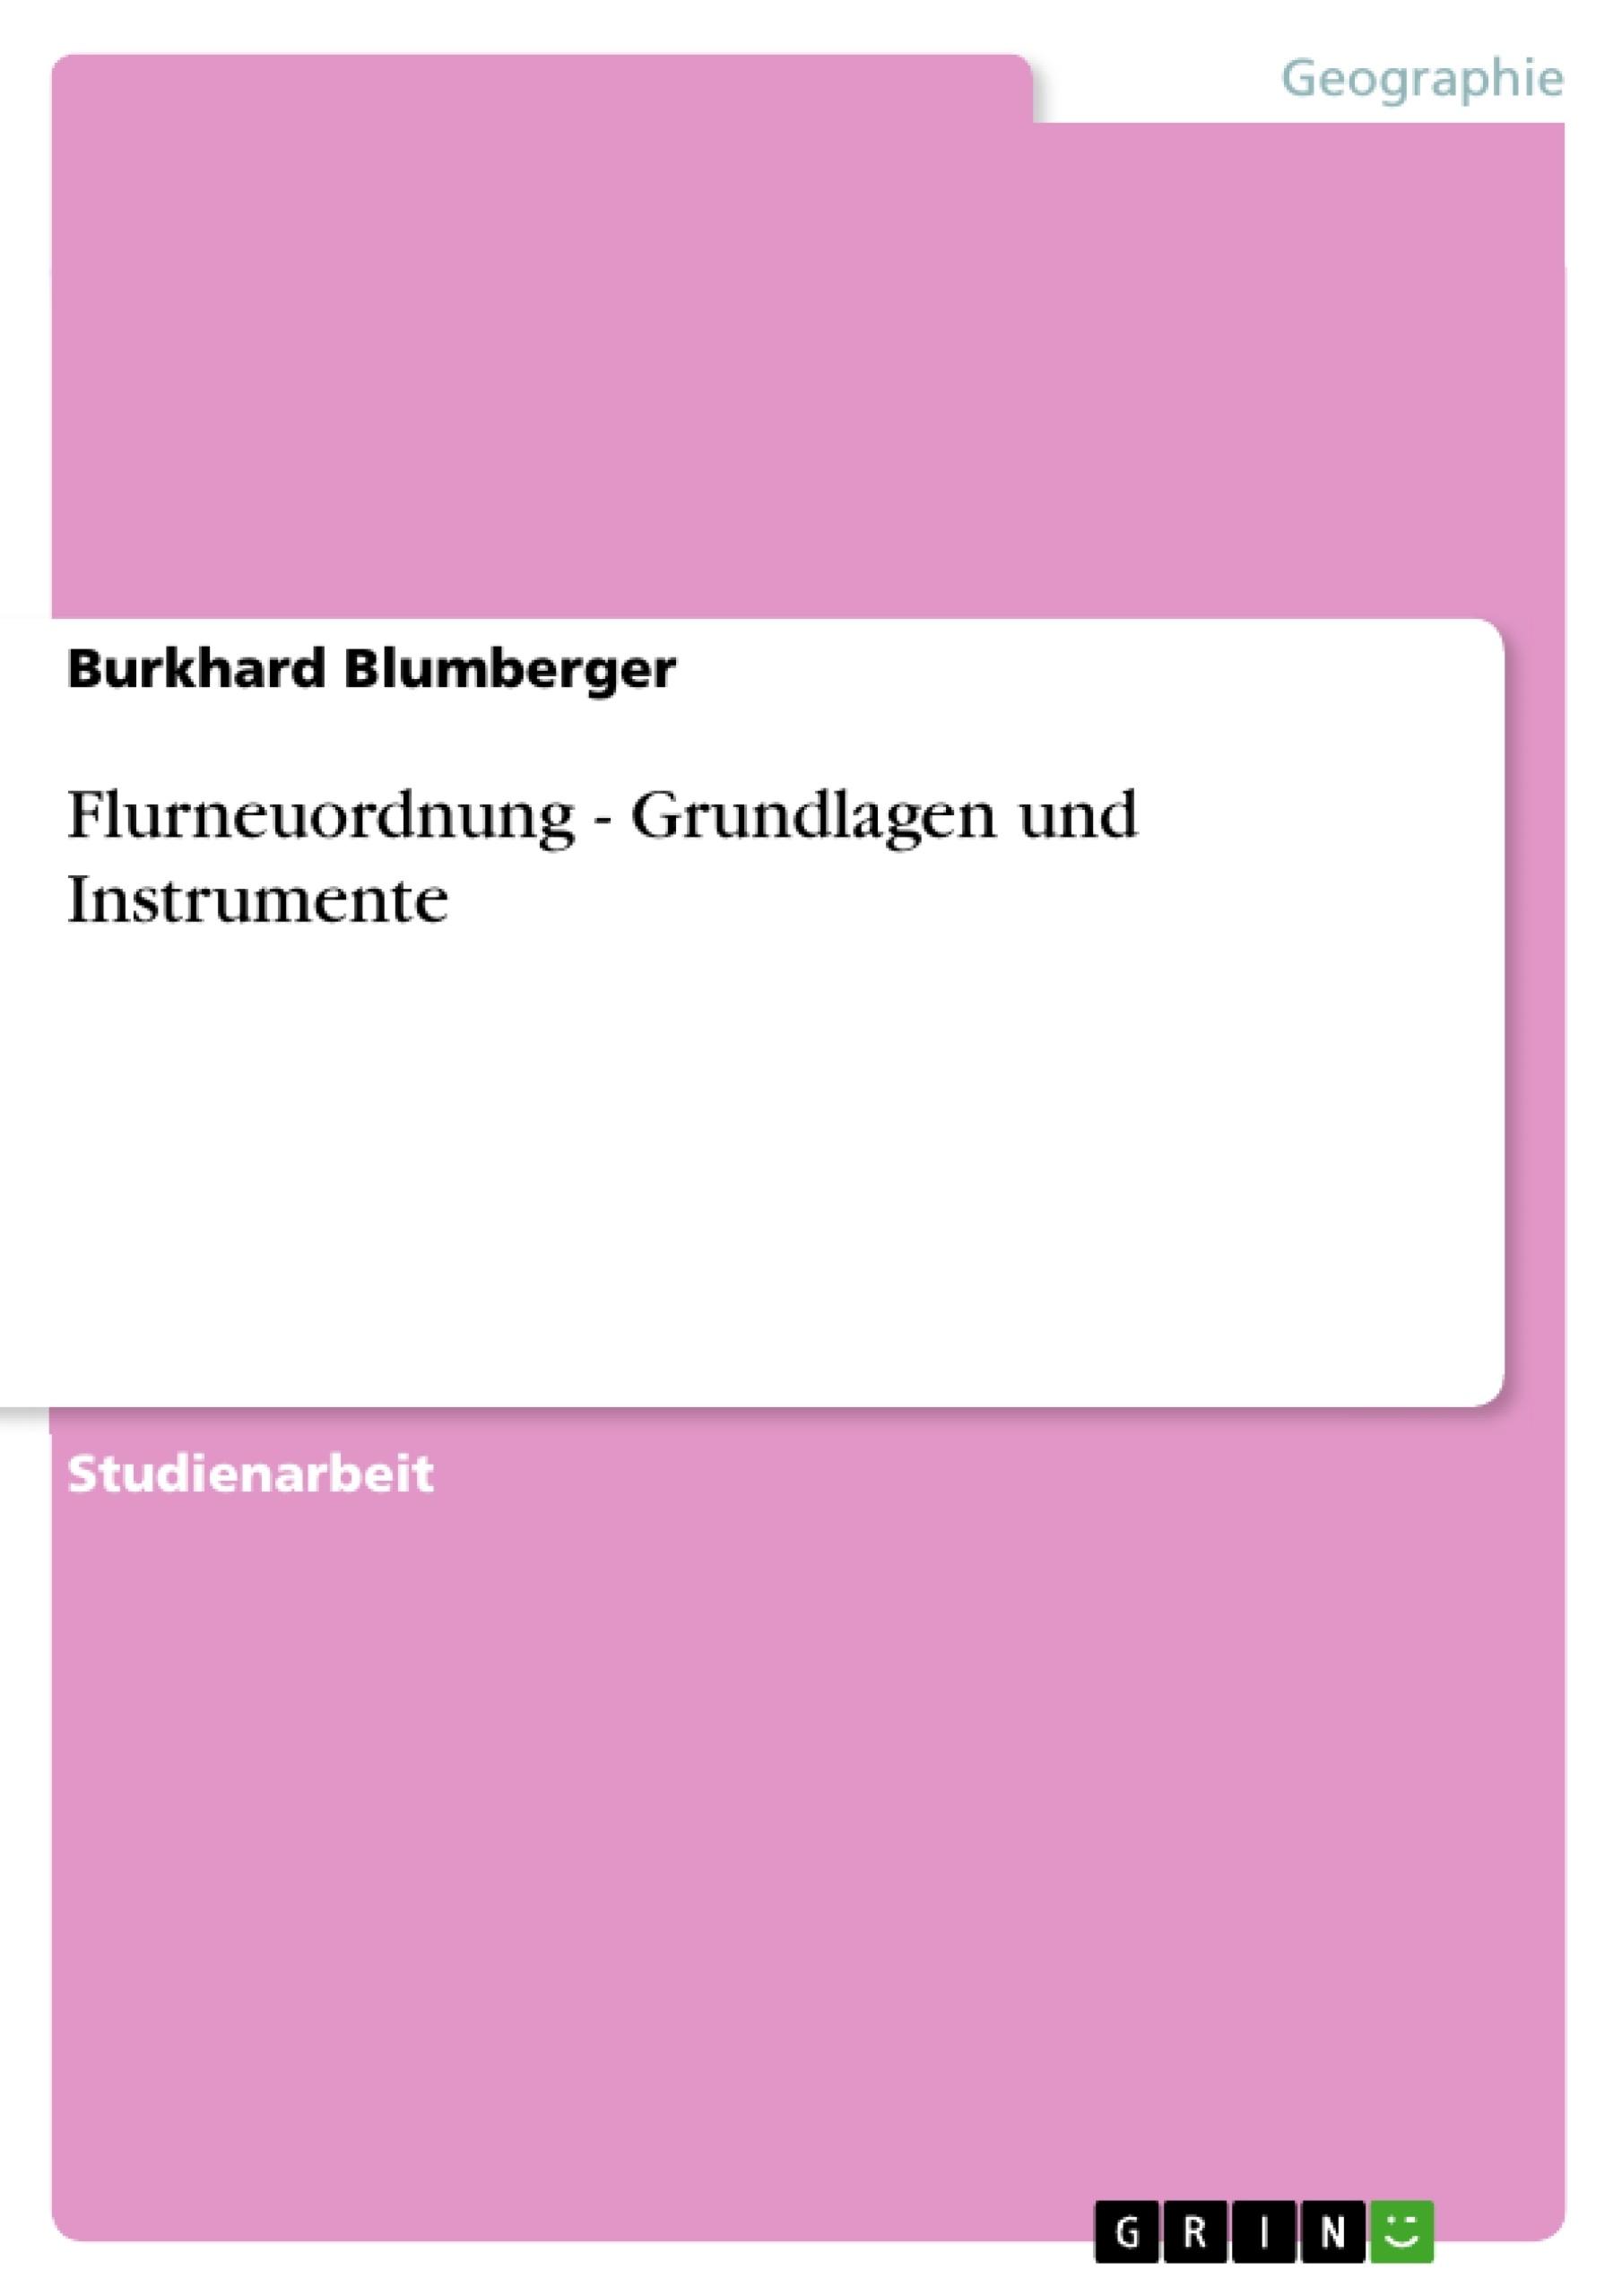 Titel: Flurneuordnung - Grundlagen und Instrumente